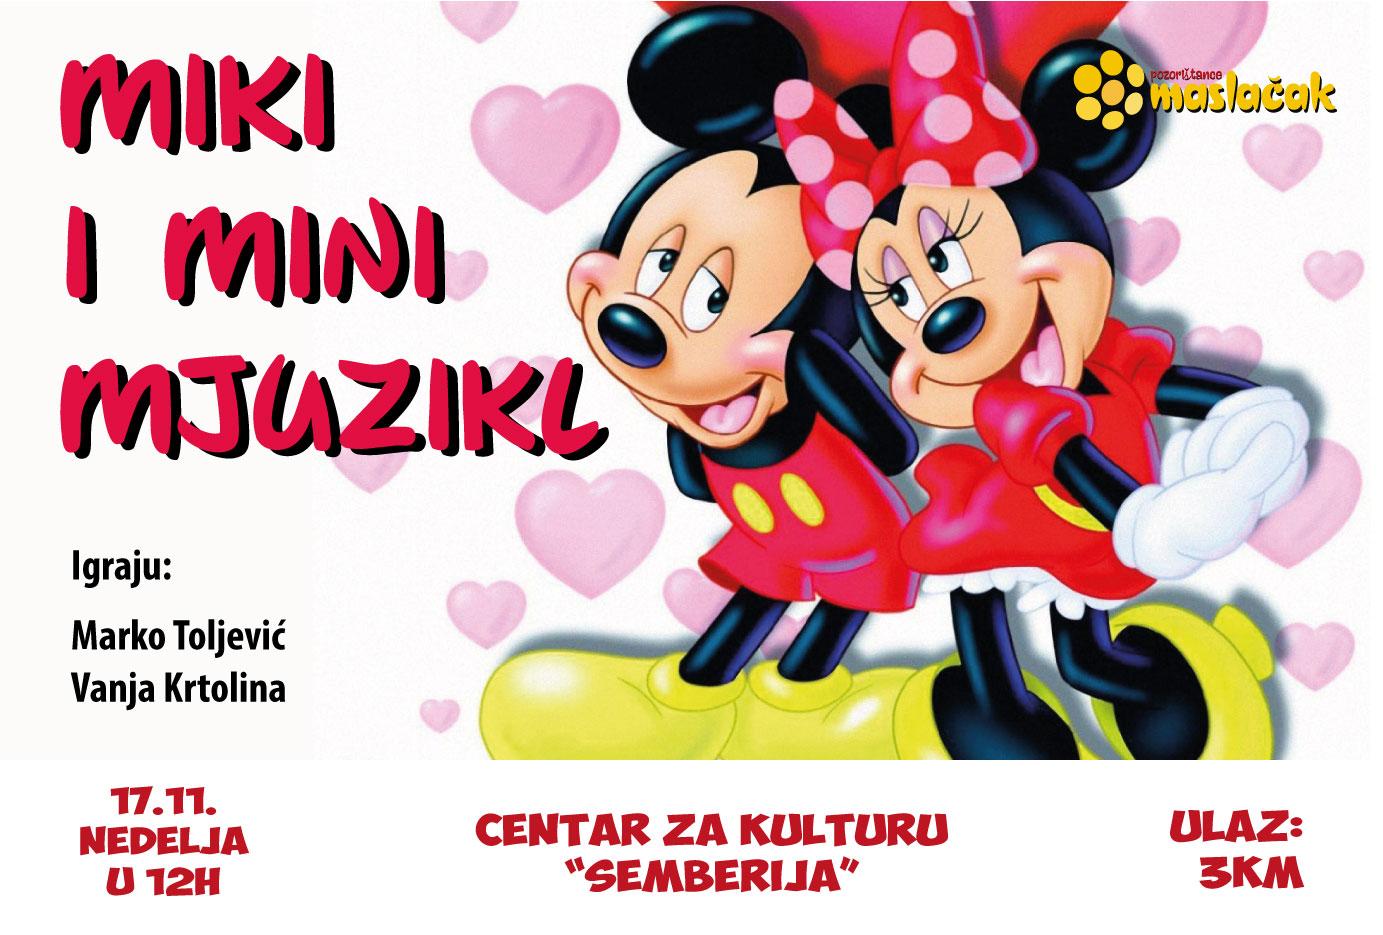 Miki i Mini